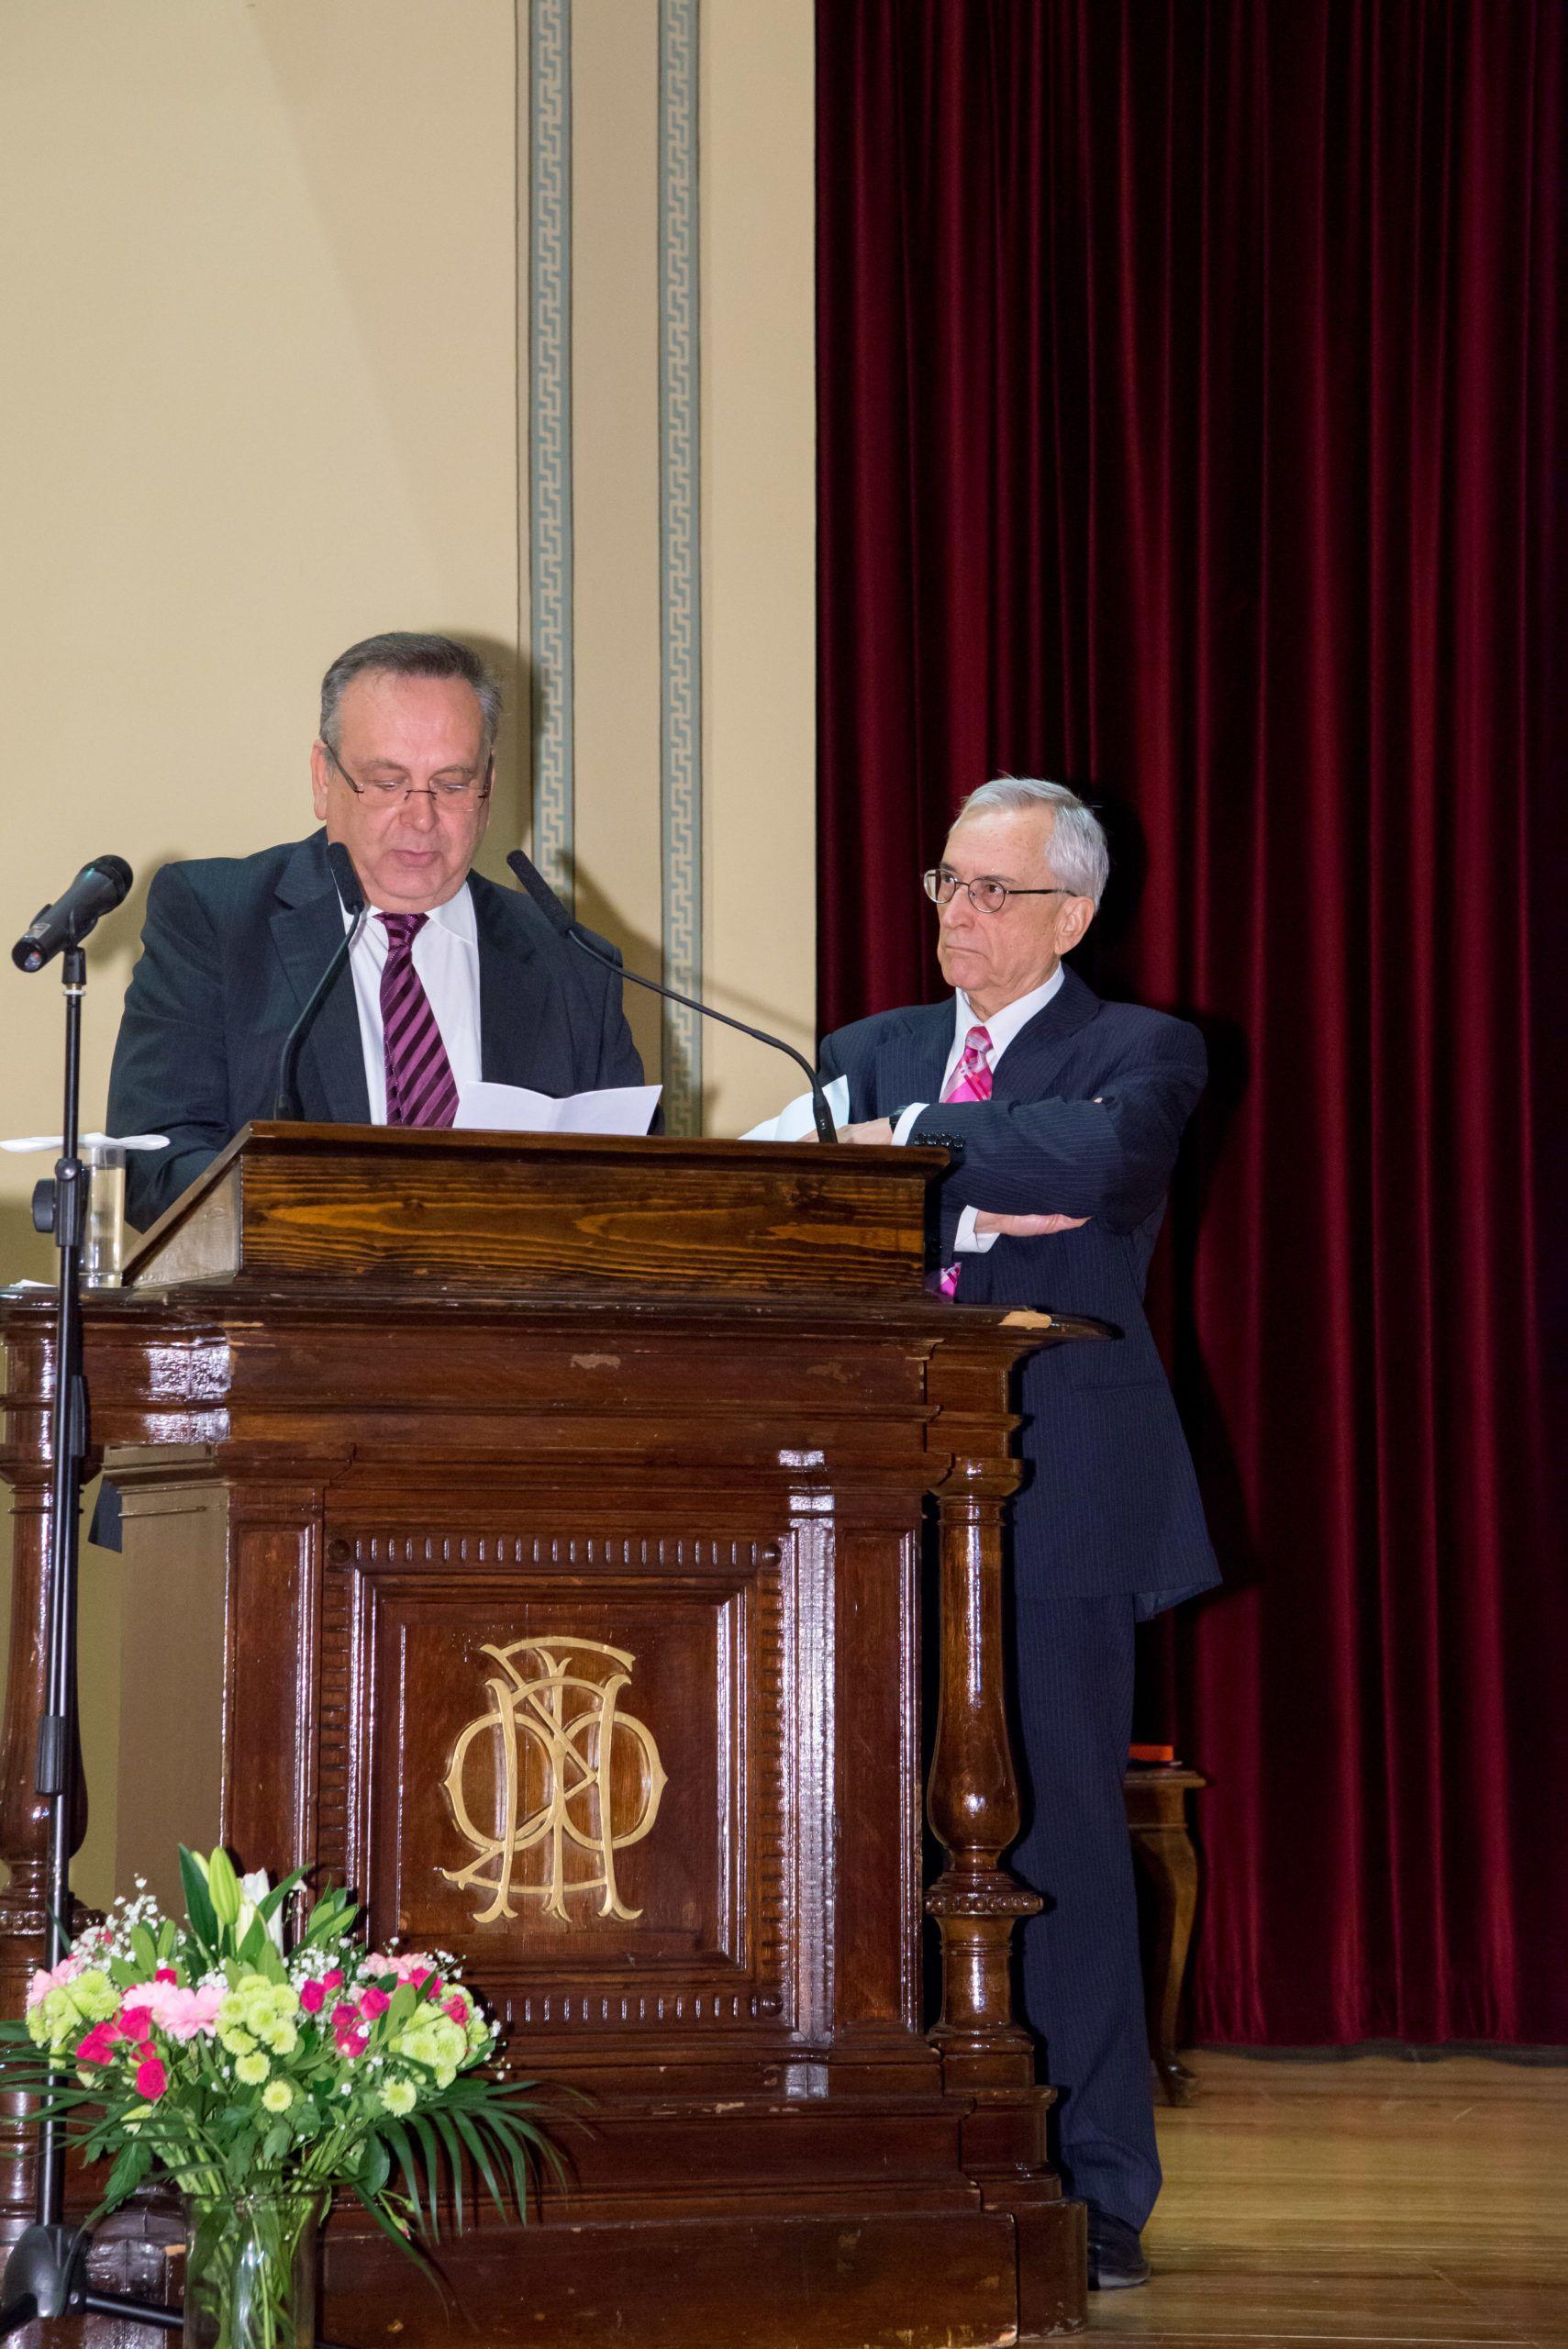 Ομιλία Προέδρου κ. Πανουσόπουλου Σταύρου στην επετειακή εκδήλωση για τη συμπλήρωση των είκοσι χρόνων του Κέντρου Οικουμενικού Ελληνισμού